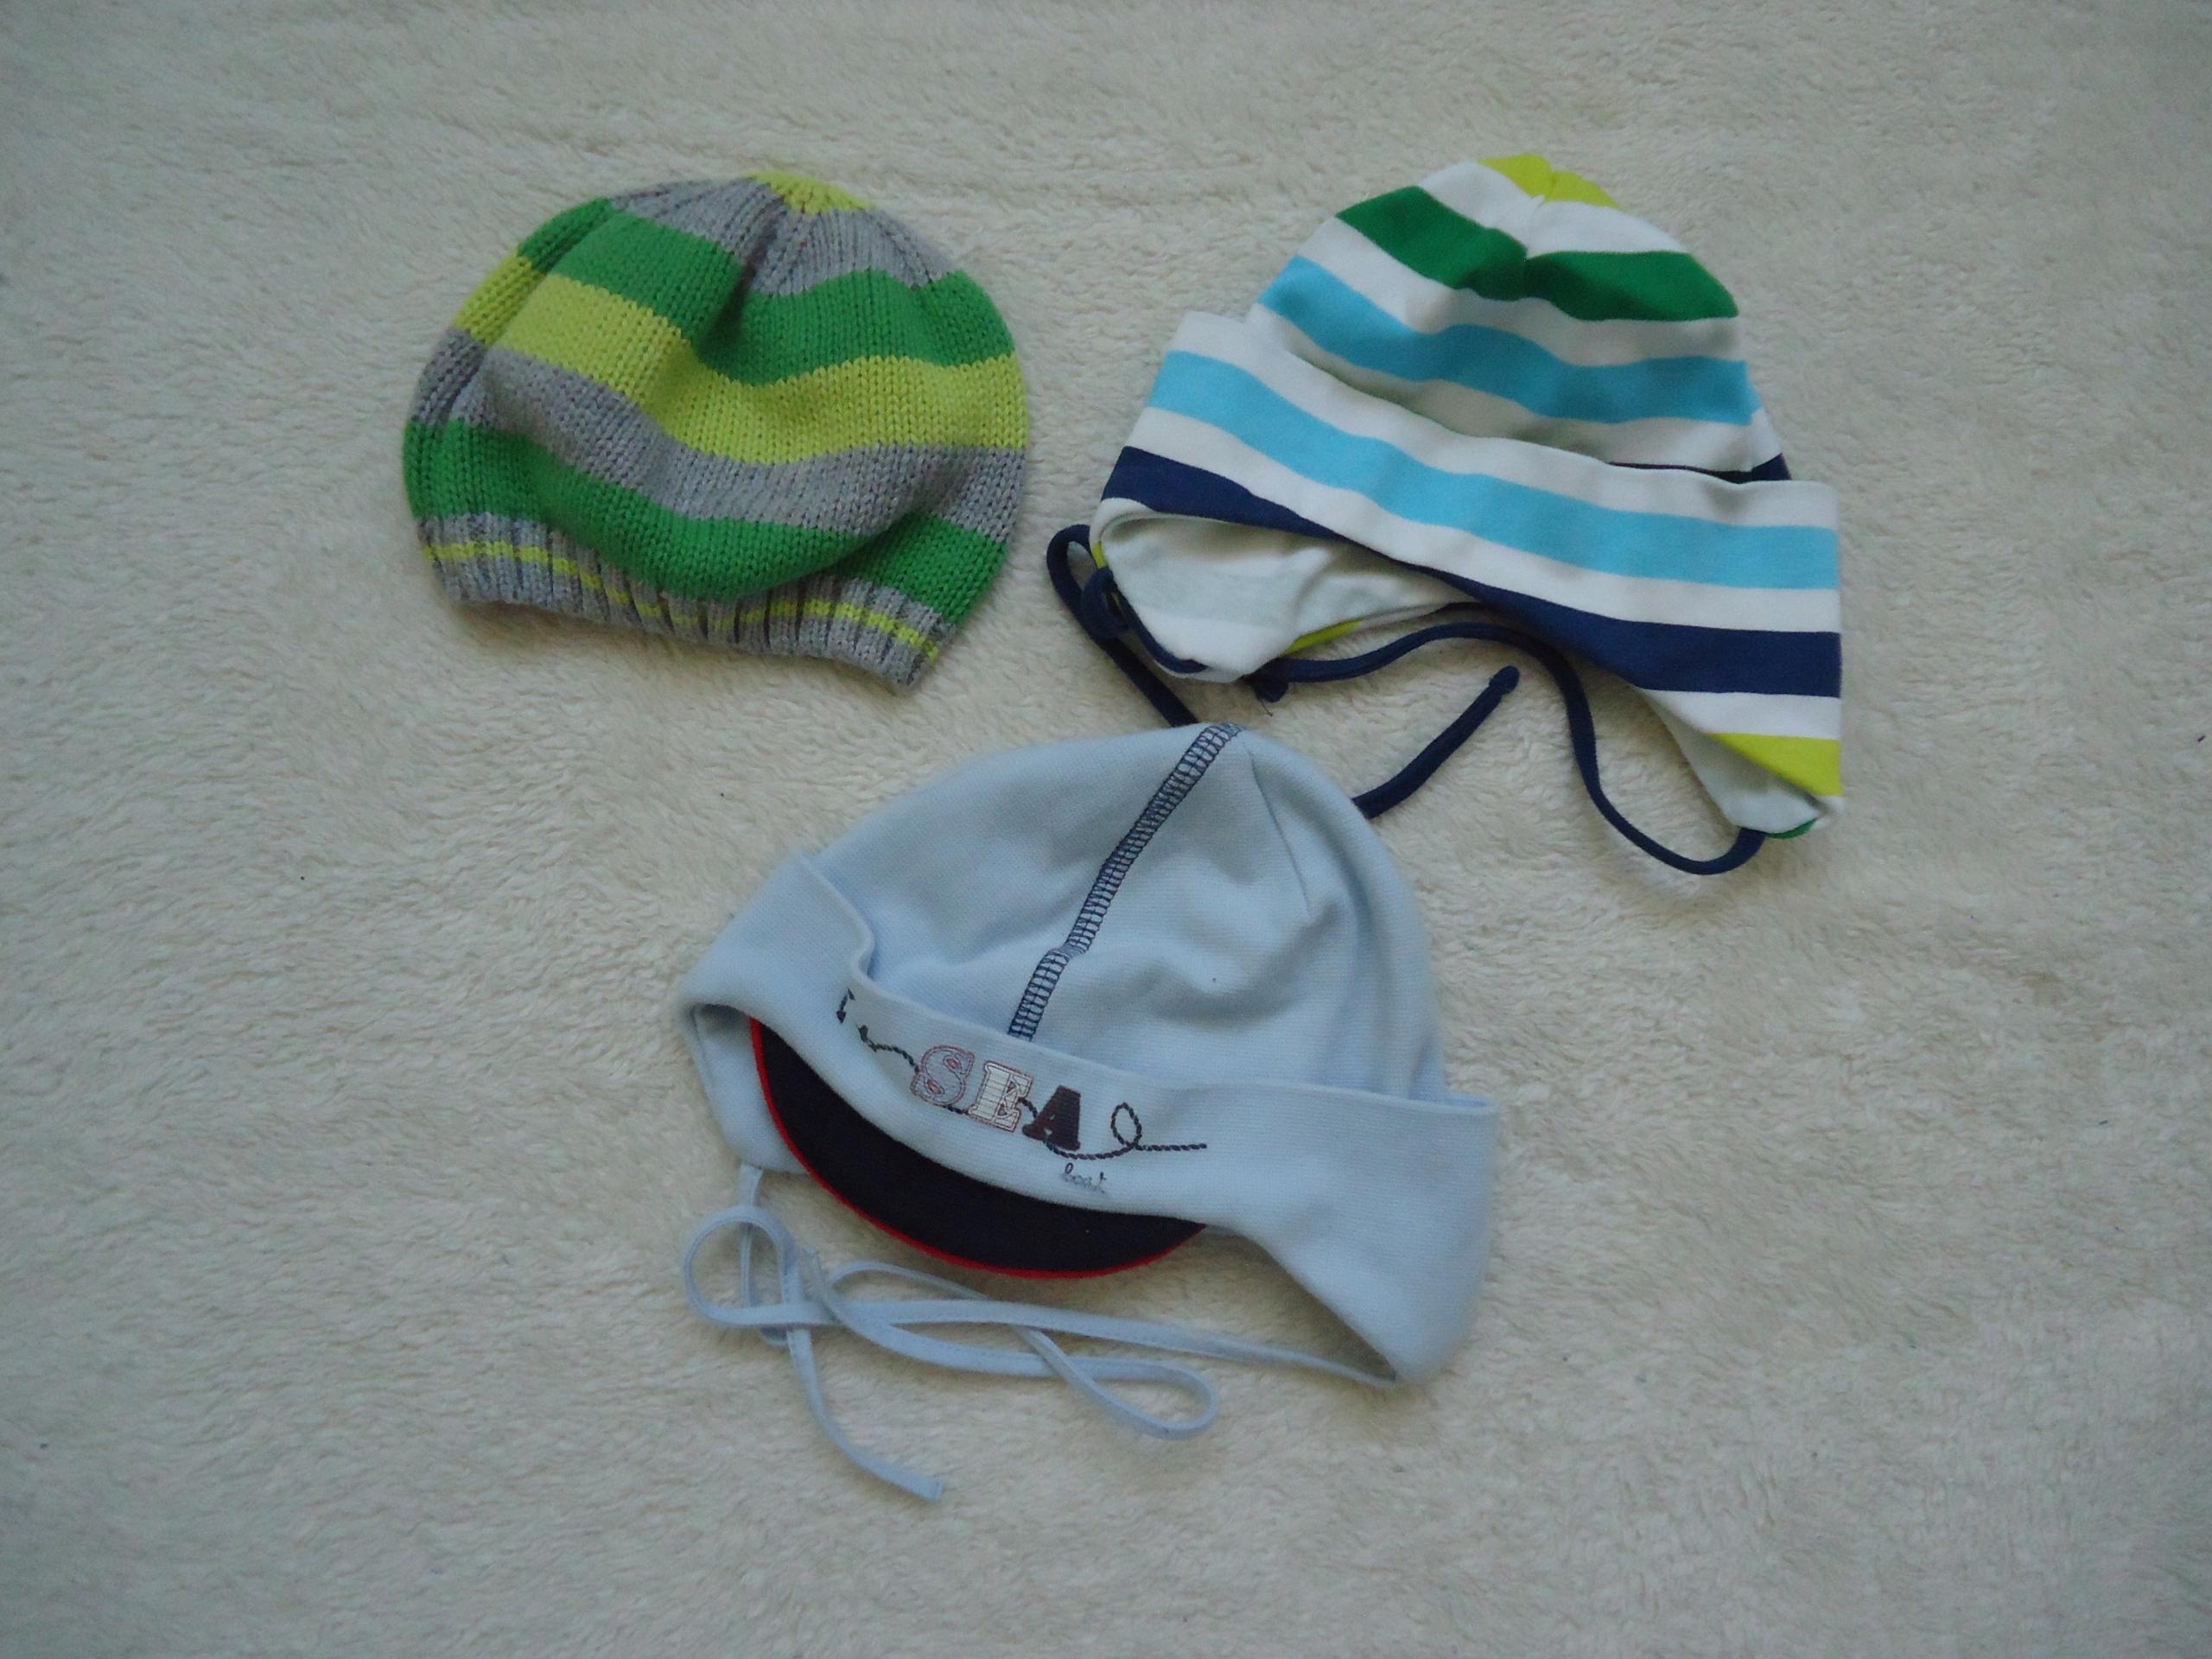 d2f138650b9cd9 Czapeczki niemowlęce 3 sztuki wyprawka chłopiec - 7640180612 ...